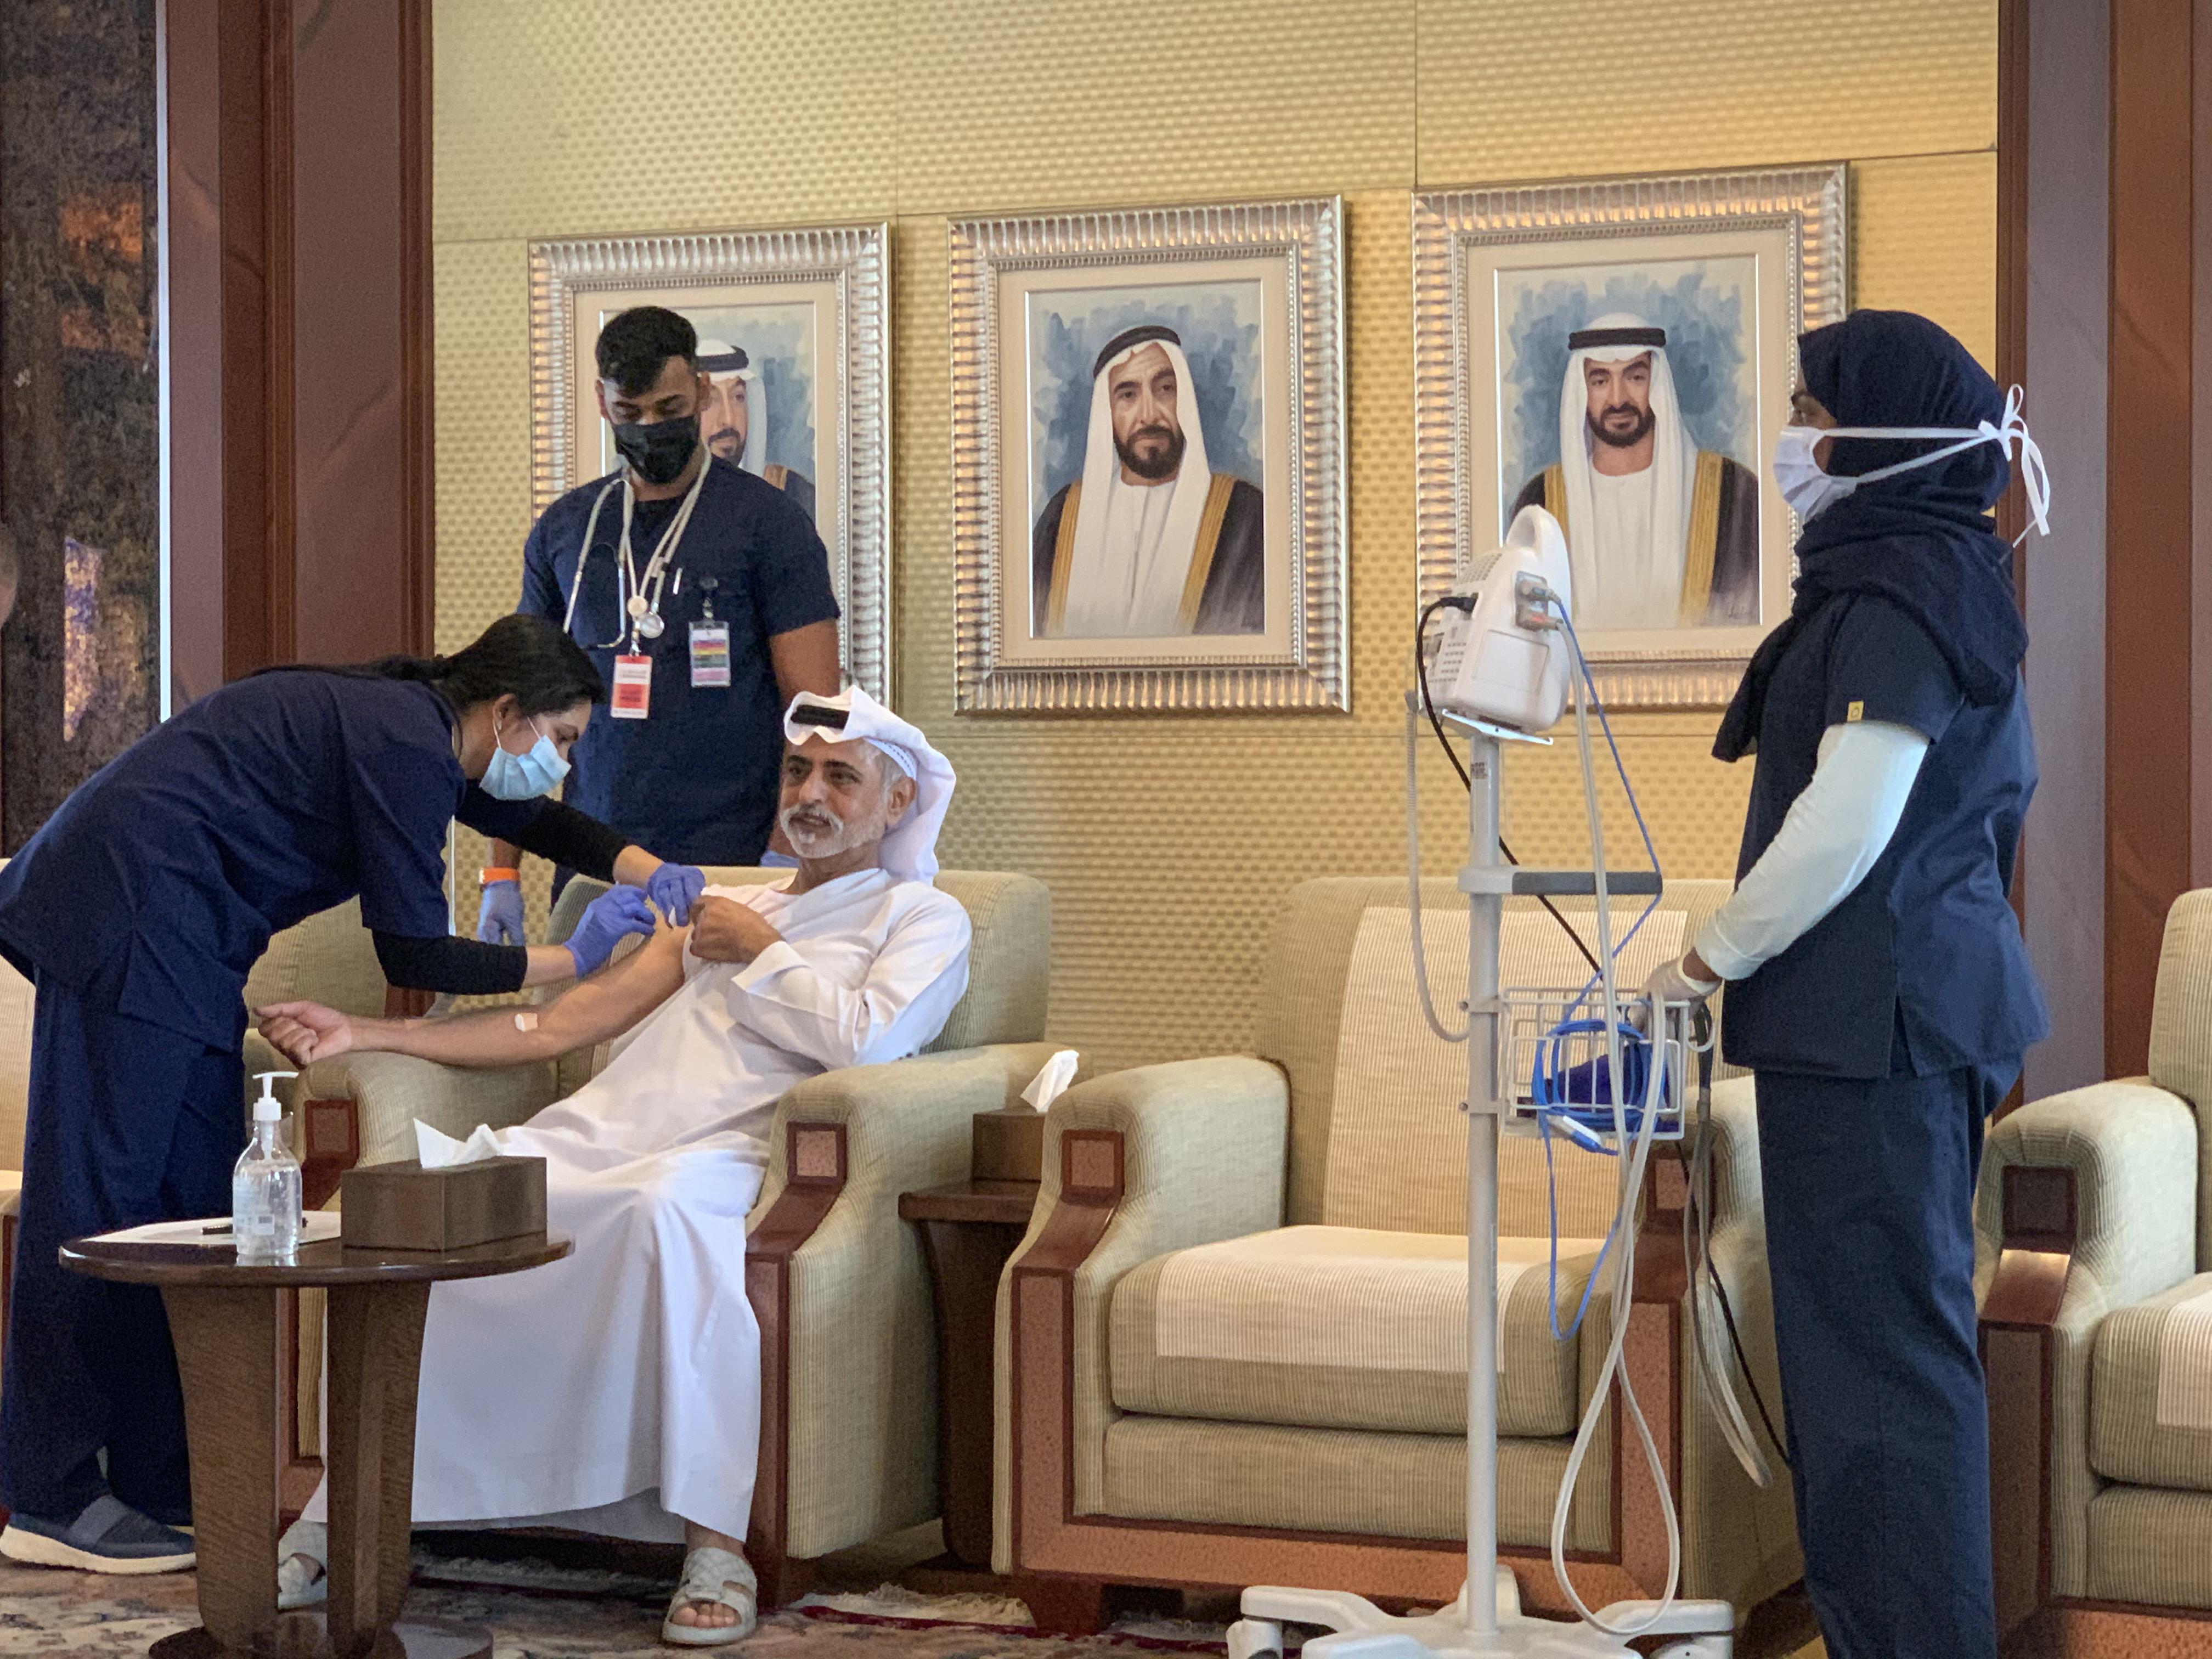 نهيان بن مبارك يتلقى جرعة من لقاح